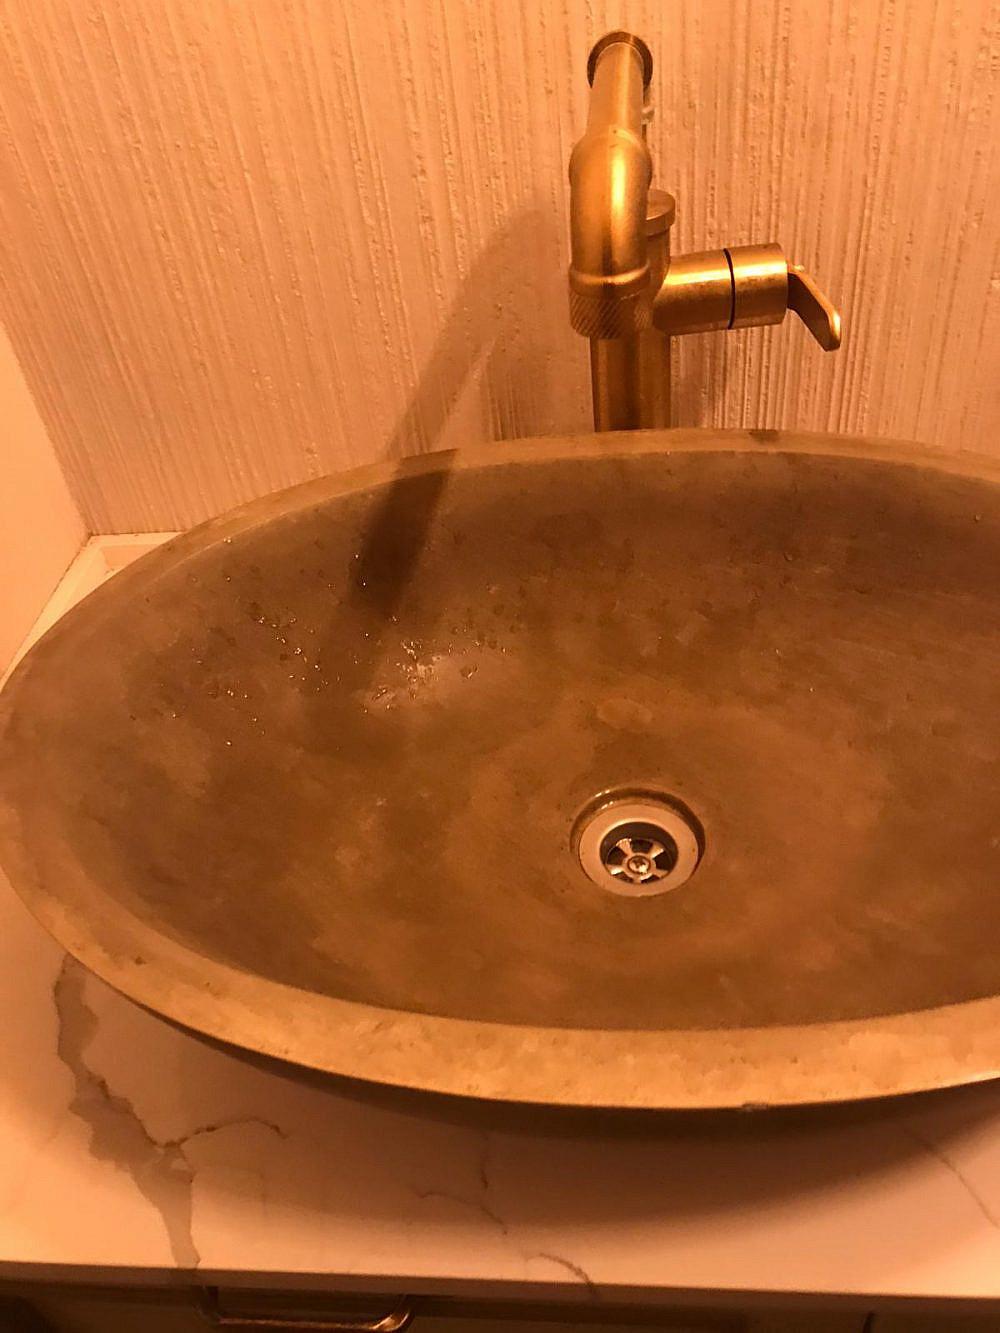 מוגזם, אבל לפחות נקי. כיור מוזהב בשירותים של גולדה (צילום: תמר לסקר)